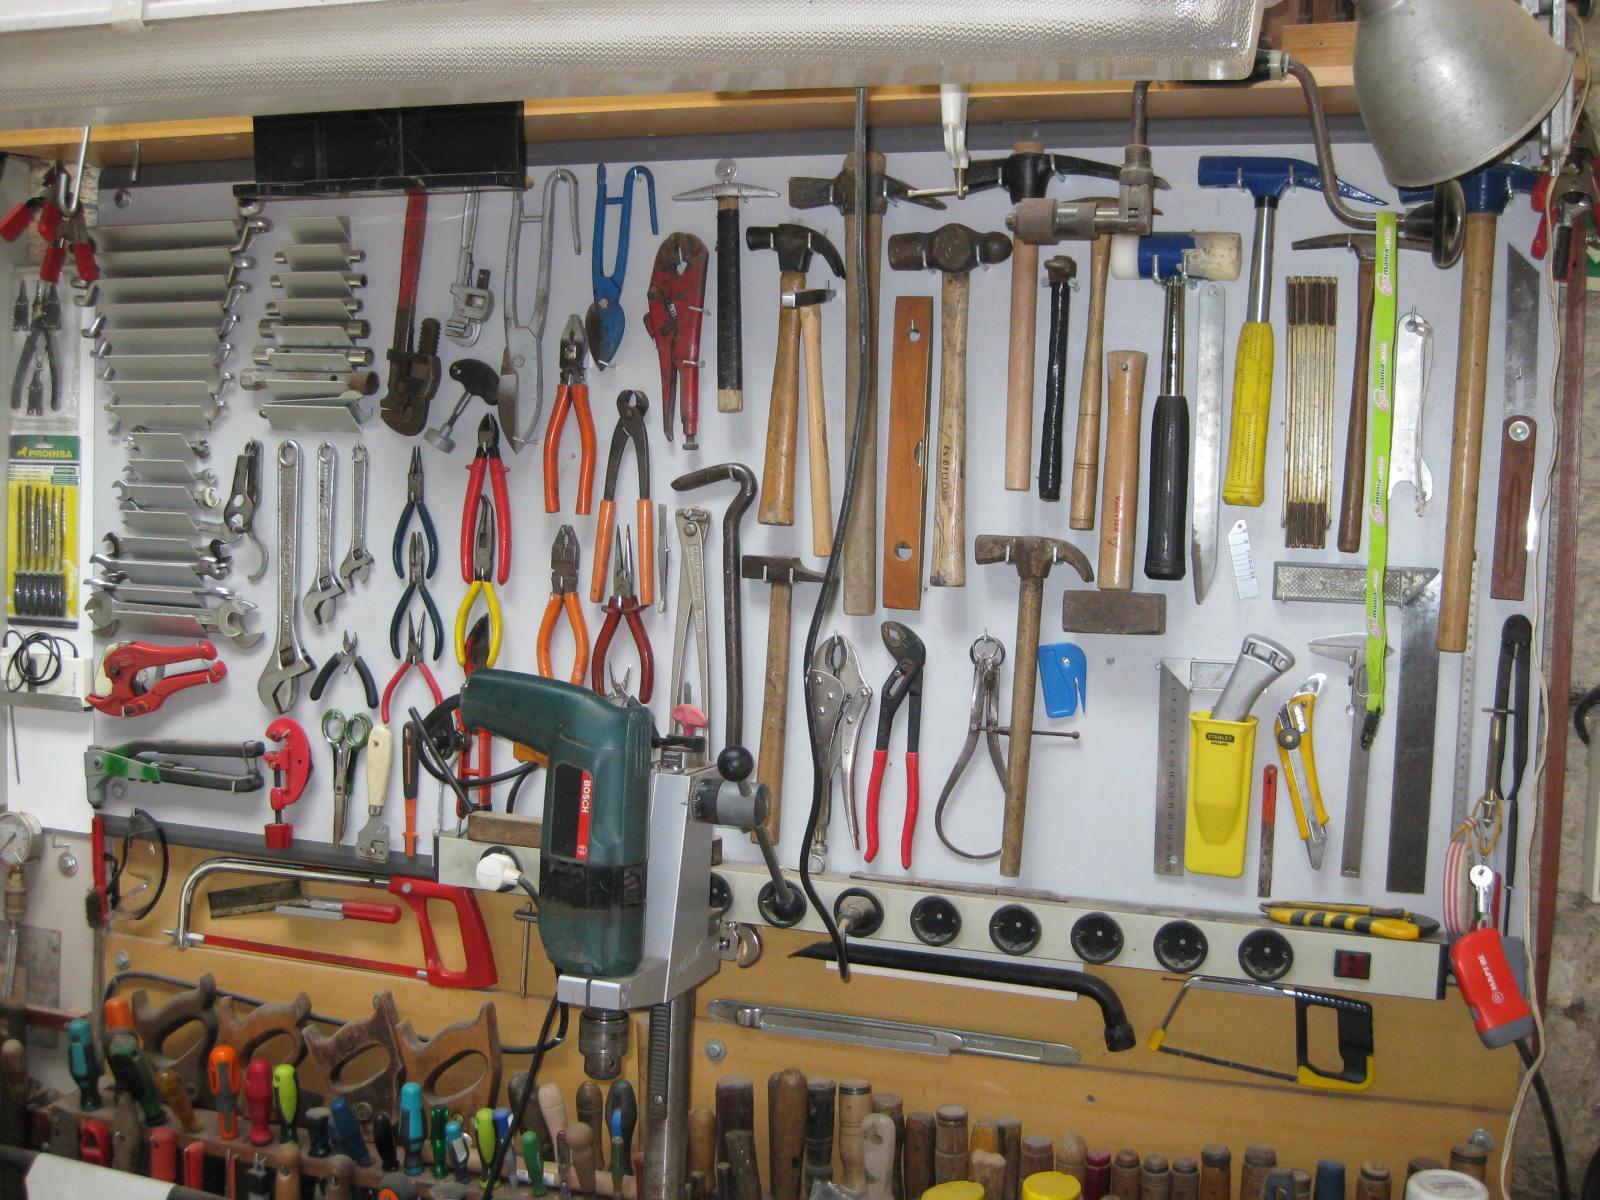 Bricolaje oficios y otras cosas mi taller - Tablero de herramientas ...